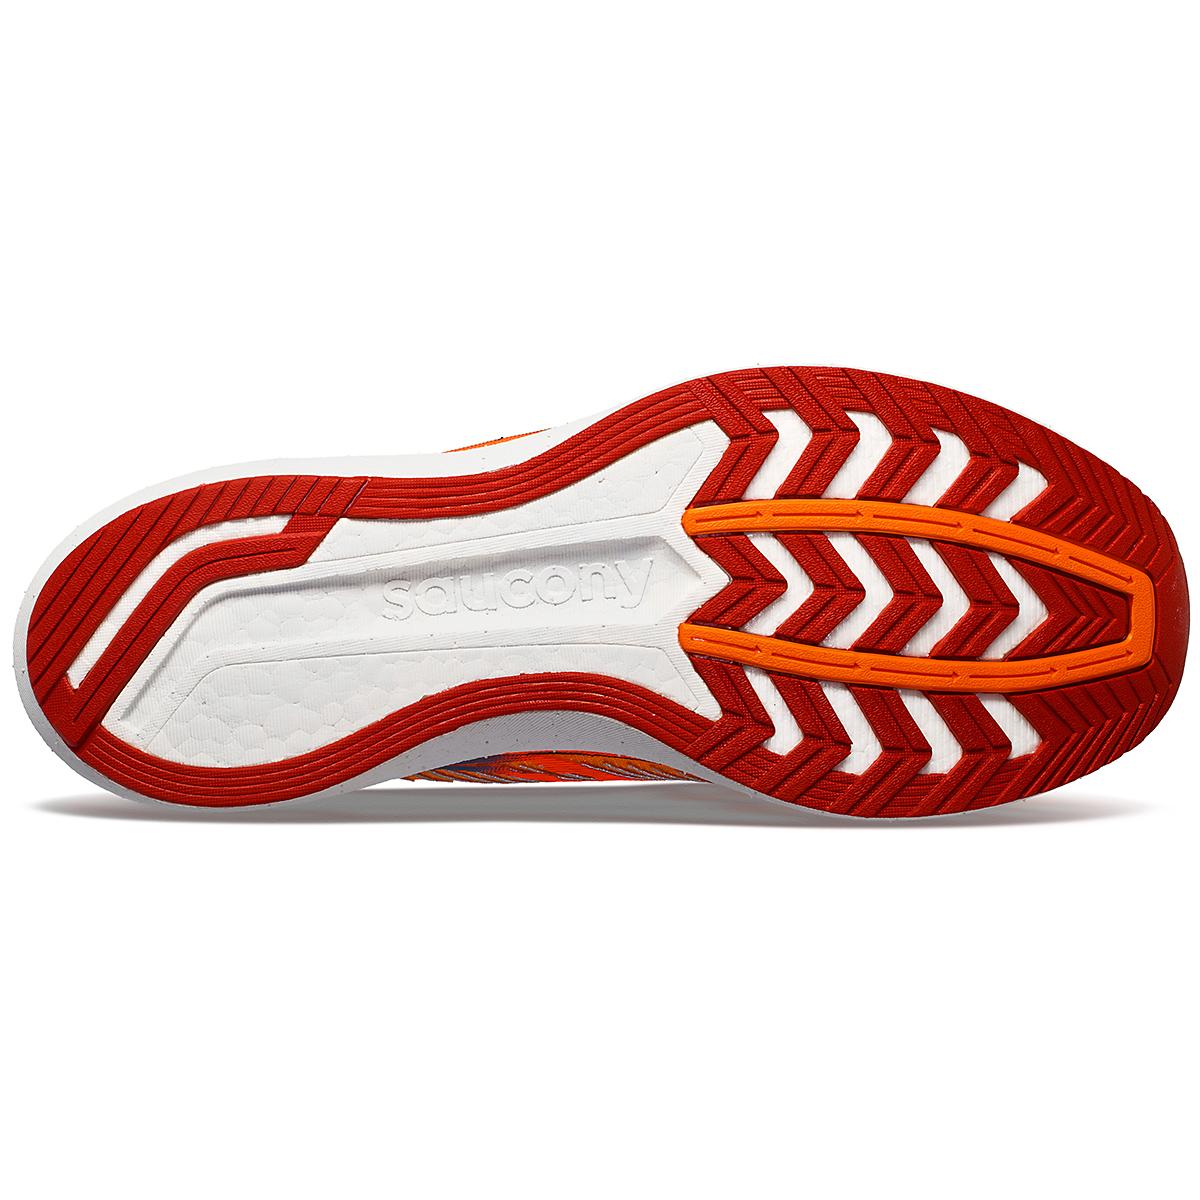 Men's Saucony Endorphin Speed 2 Running Shoe - Color: Jackalope - Size: 7 - Width: Regular, Jackalope, large, image 4